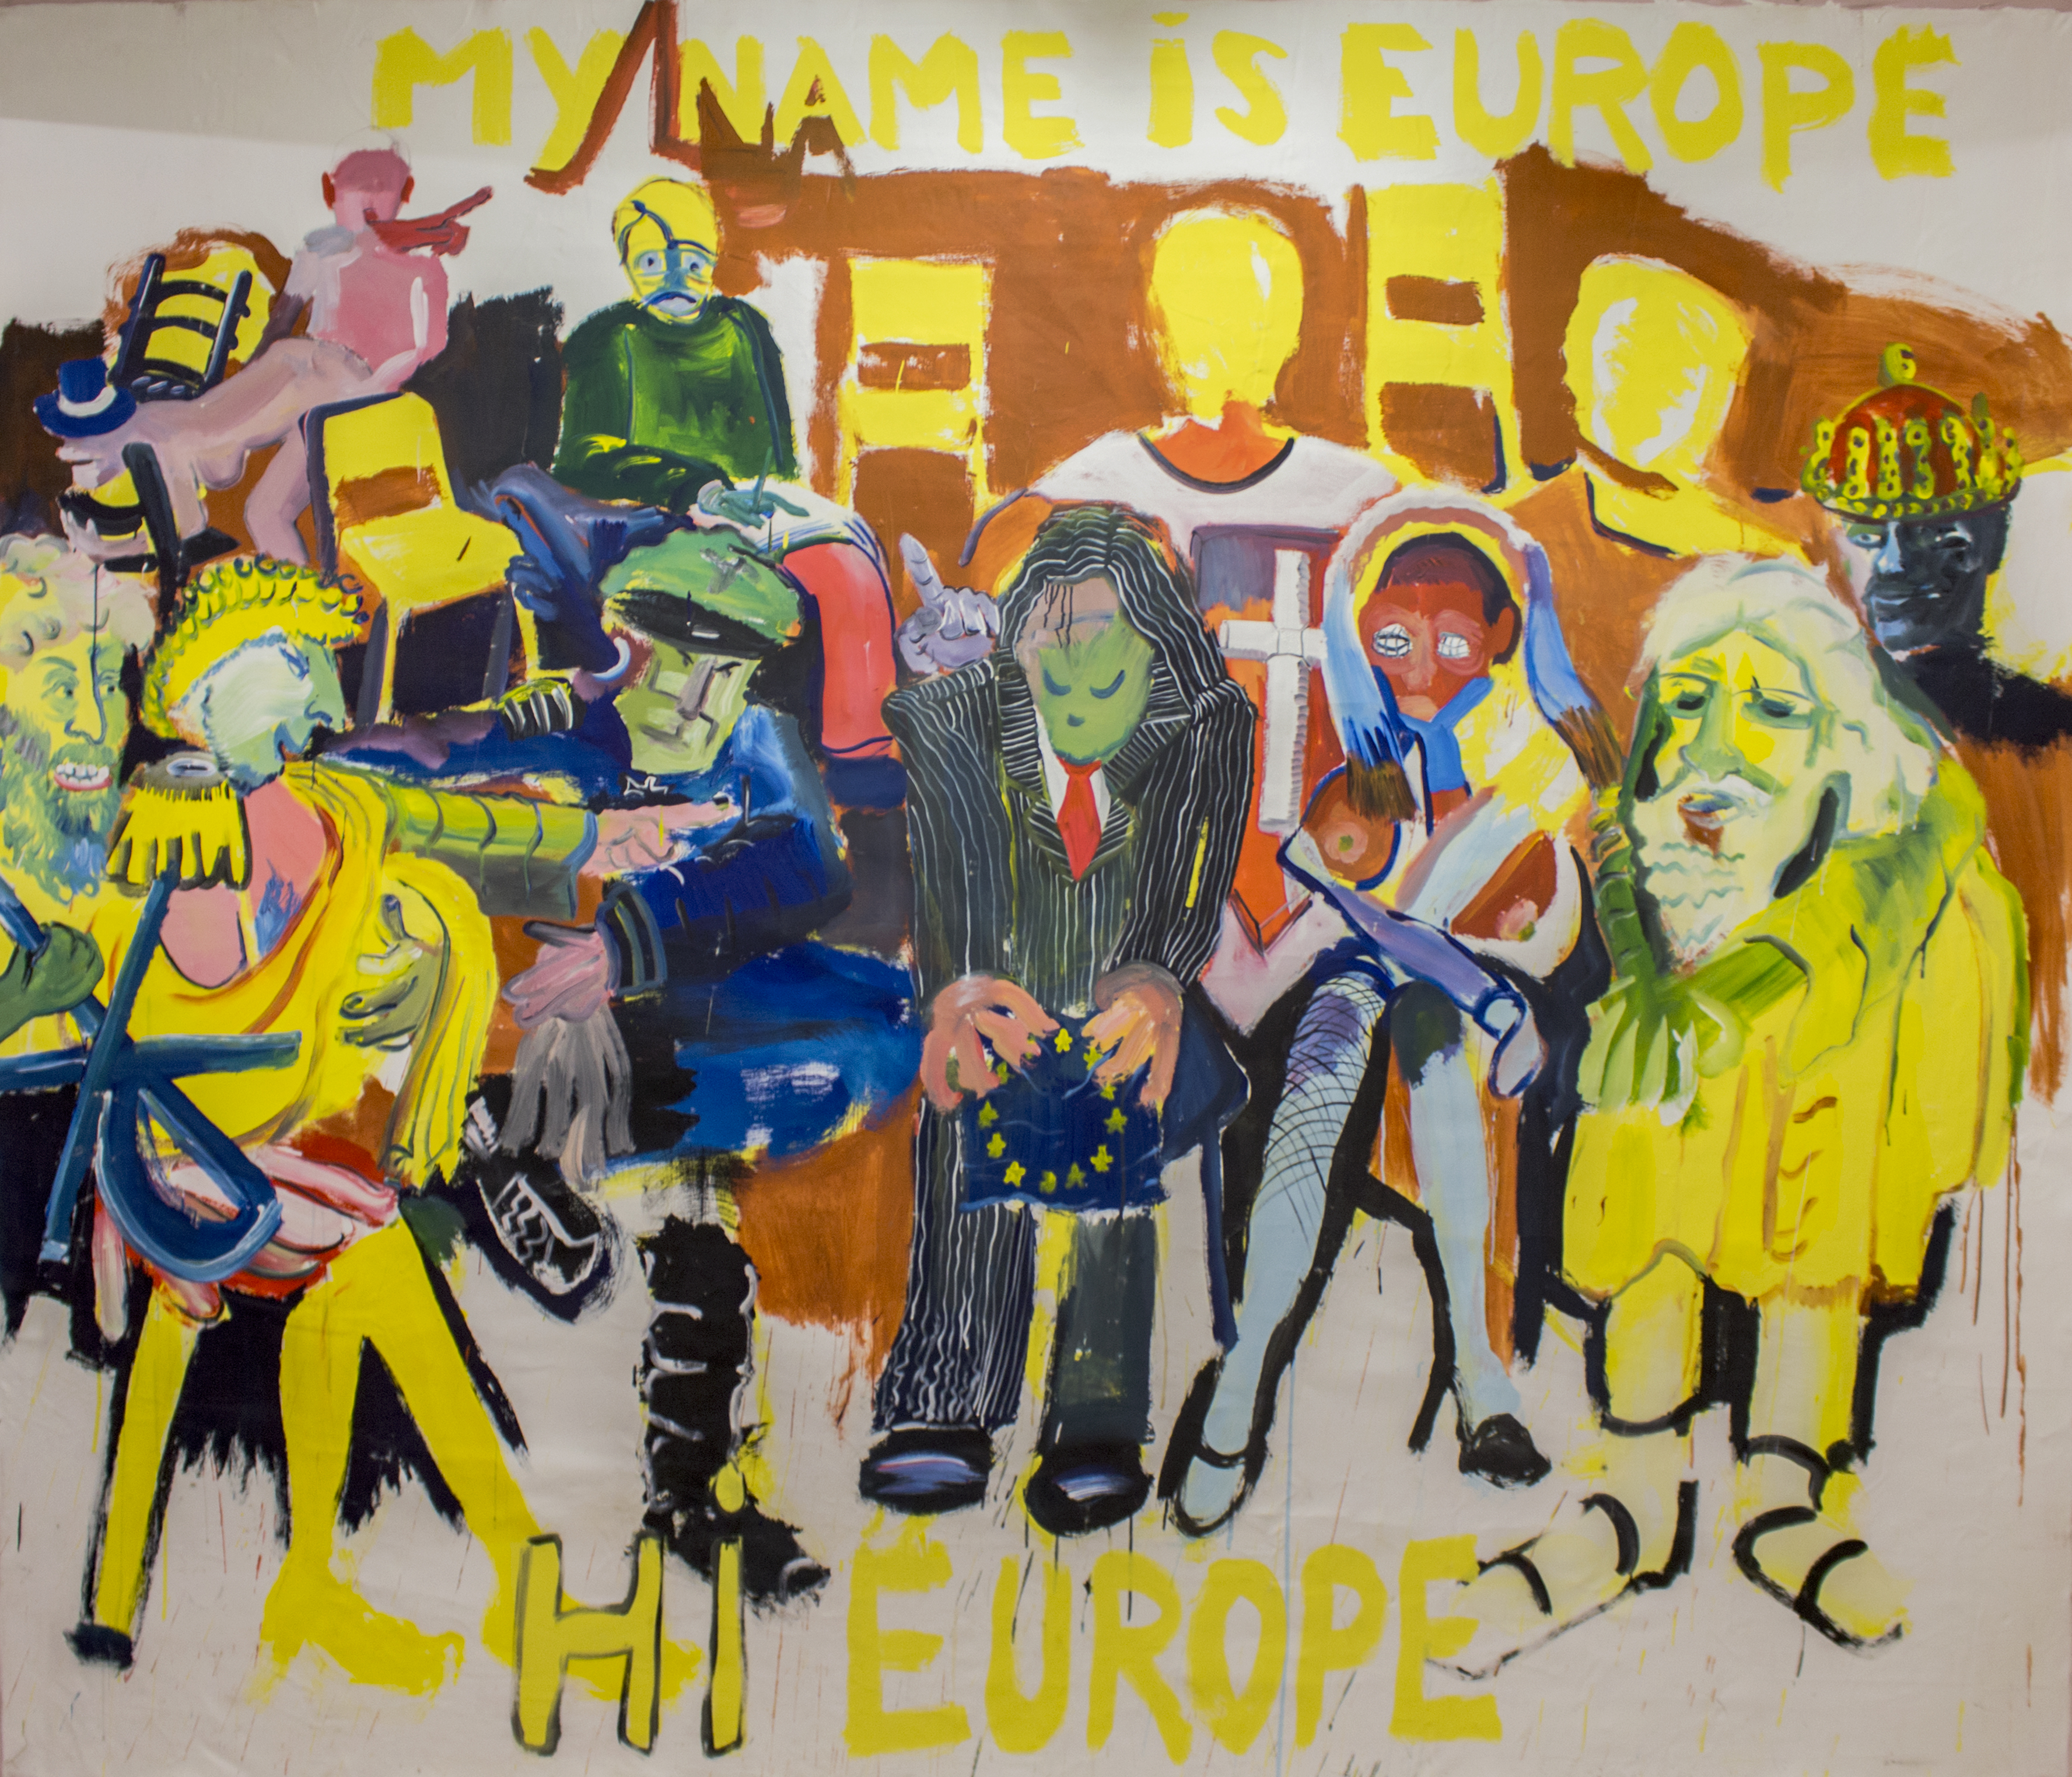 David Bade (Curaçao, b. 1970)  My Name Is Europe, Hi Europe/Mi nombre es Europa, hola Europa, 2014 Oil and acrylic on canvas/Óleo y acrílico sobre lienzo,  96 x 120 in. Courtesy of the artist/Cortesía del artista